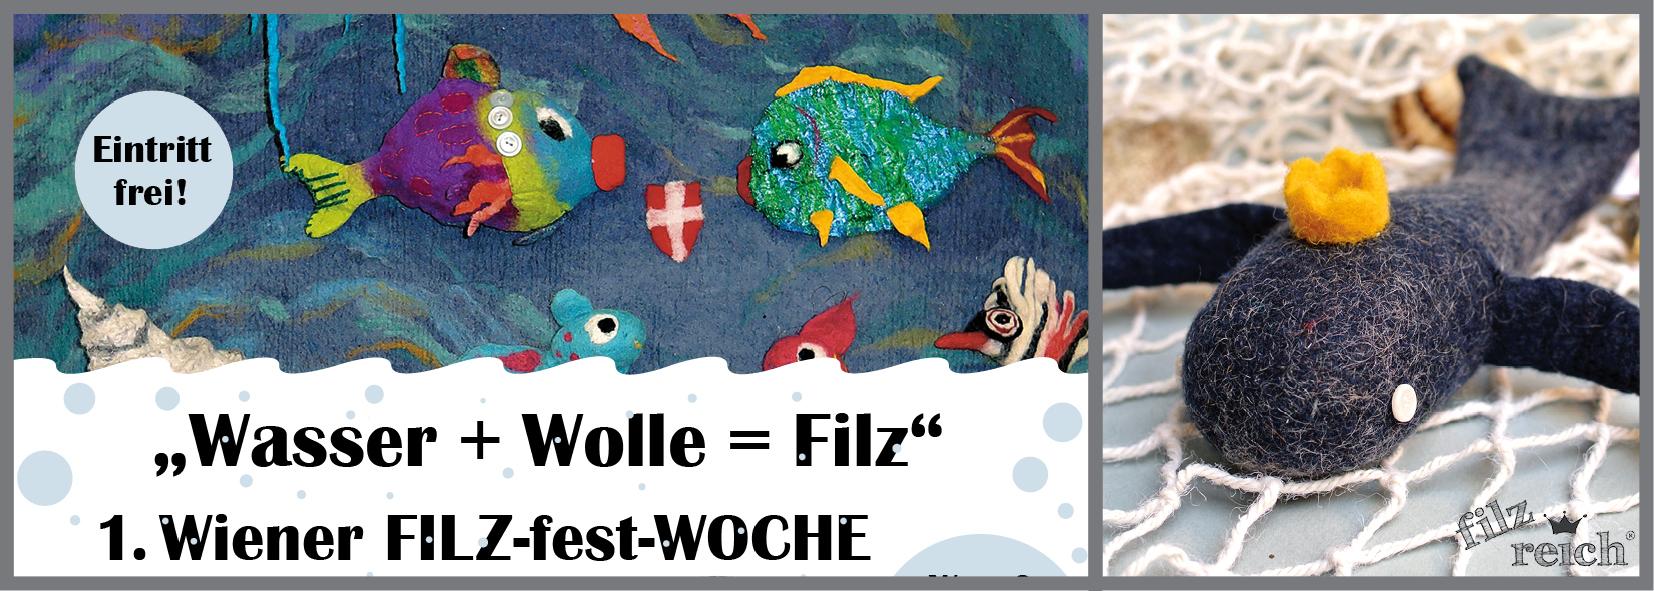 1. Wiener Filzfestwoche